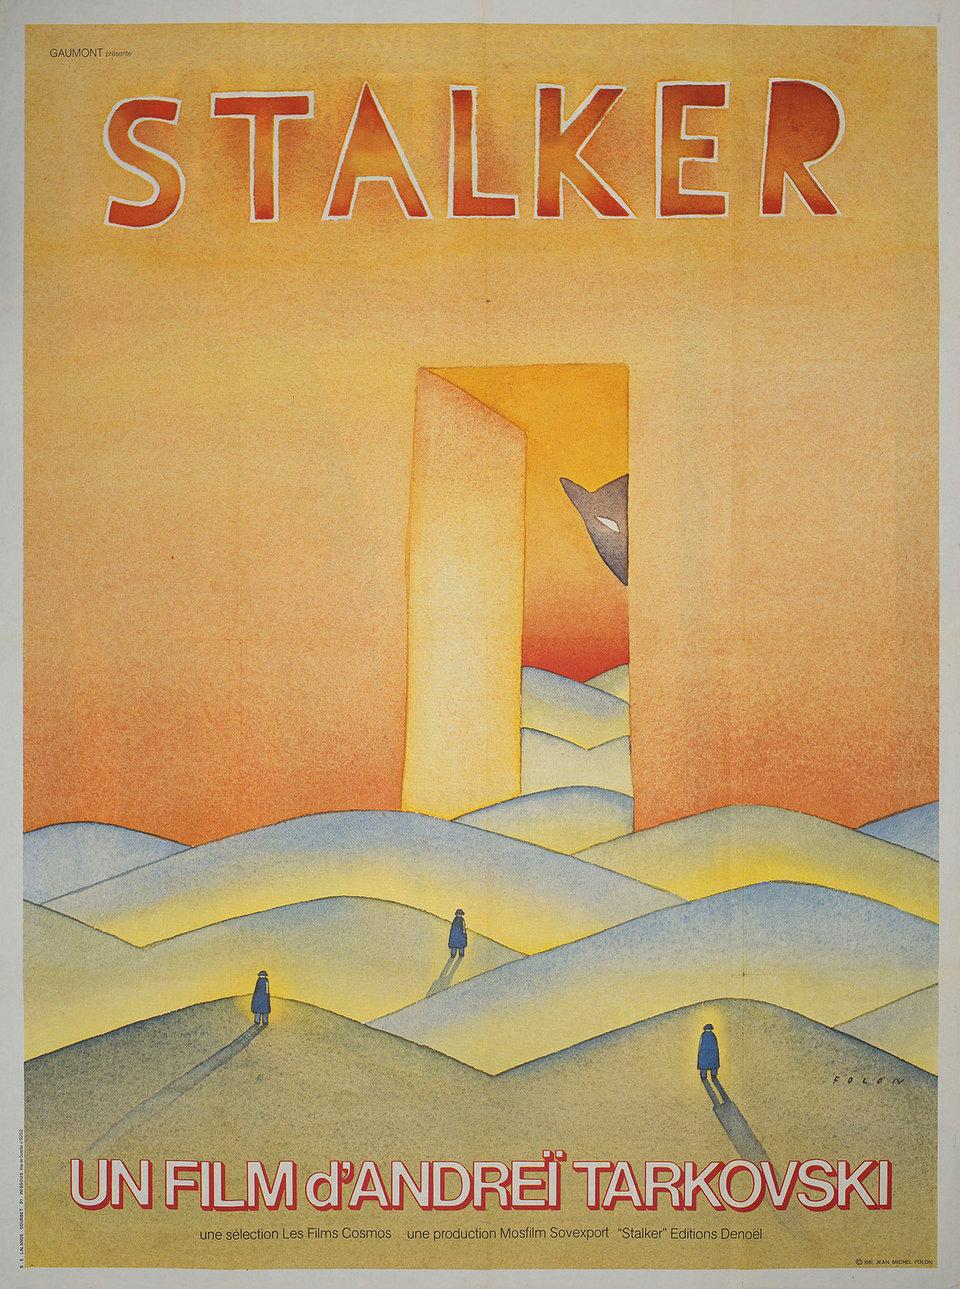 stalker - posteritati